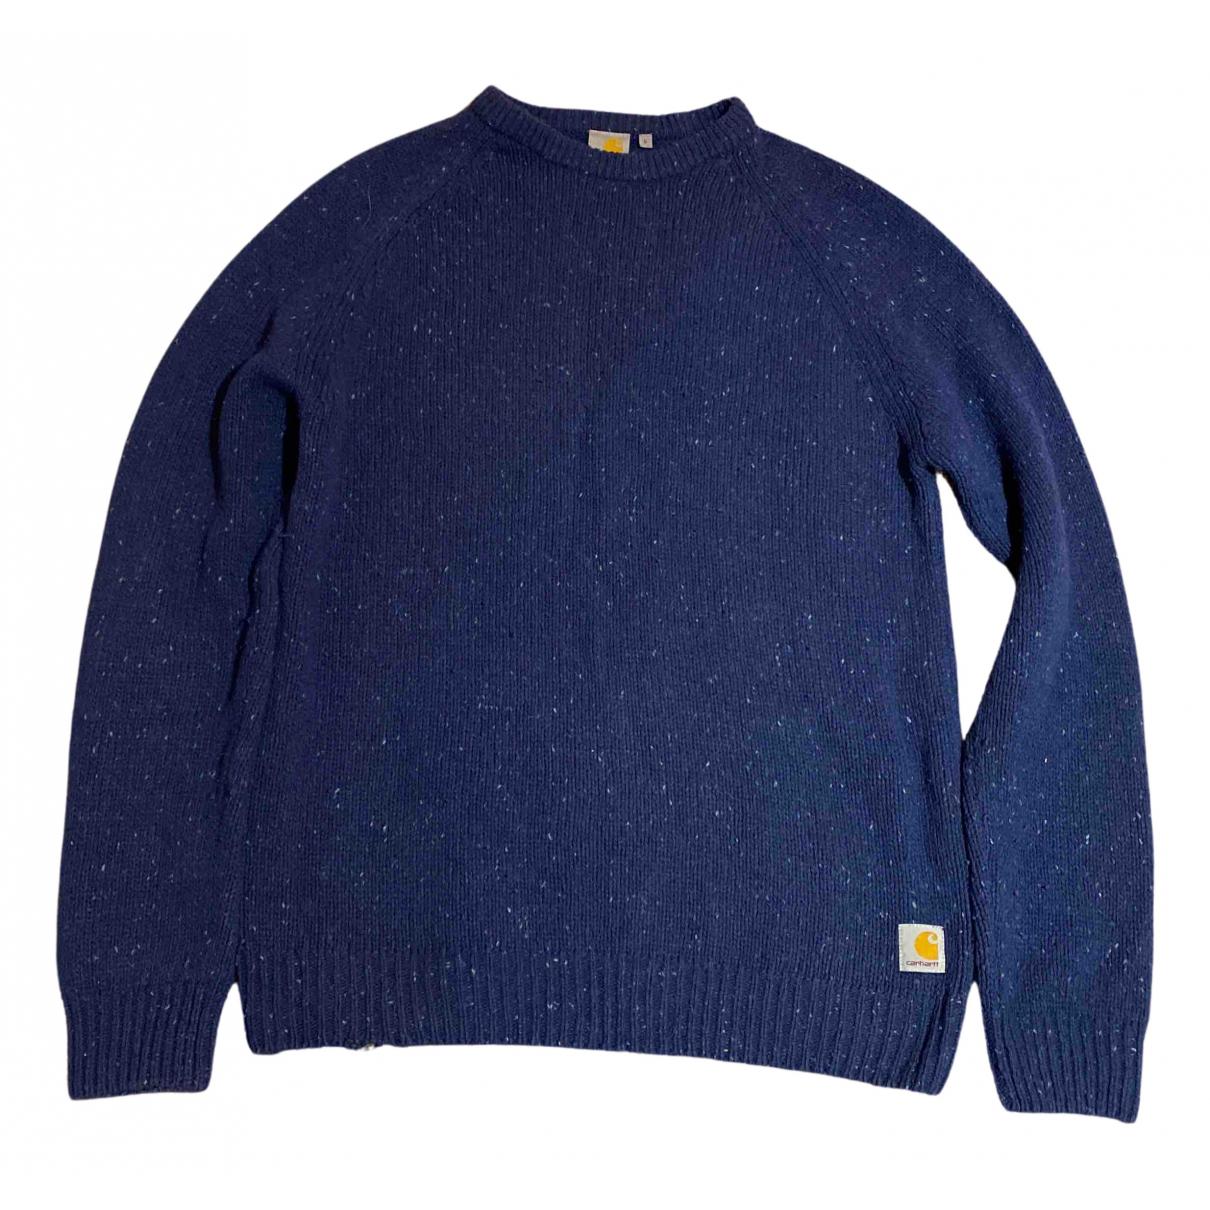 Carhartt N Blue Wool Knitwear & Sweatshirts for Men L International